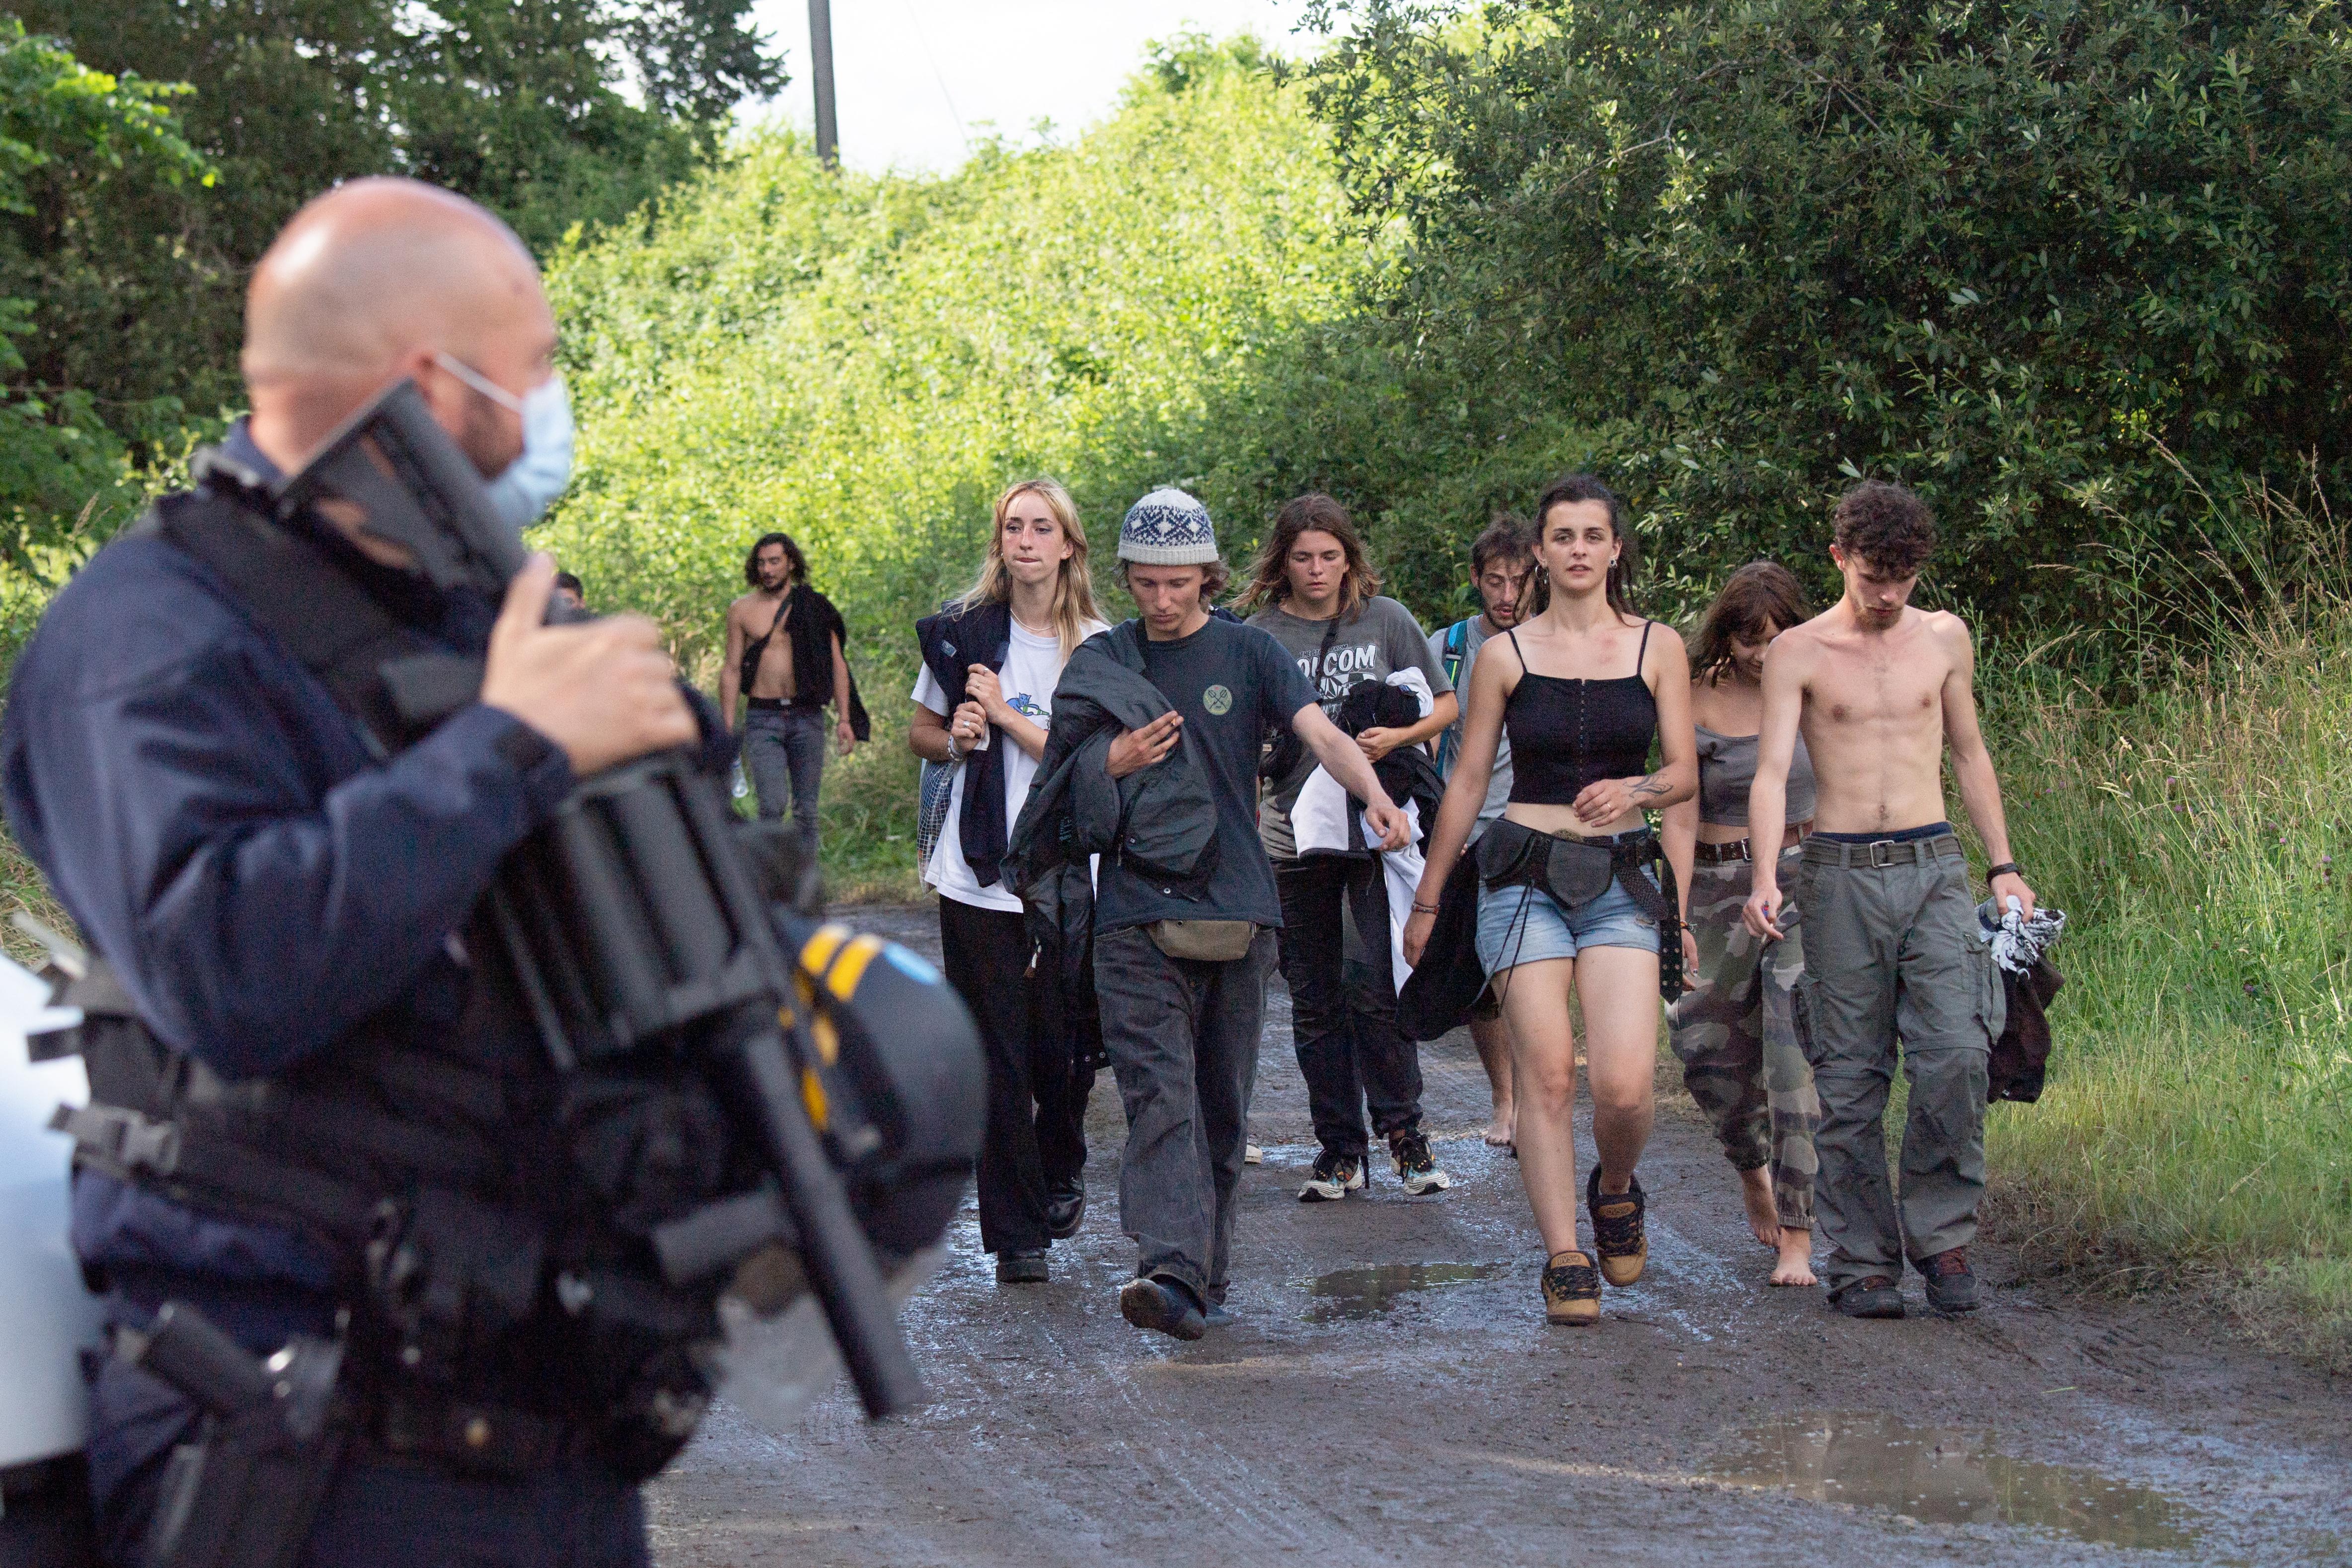 Lecsaptak a francia rendőrök egy illegális rave-re, egy bulizó elvesztette a kezét